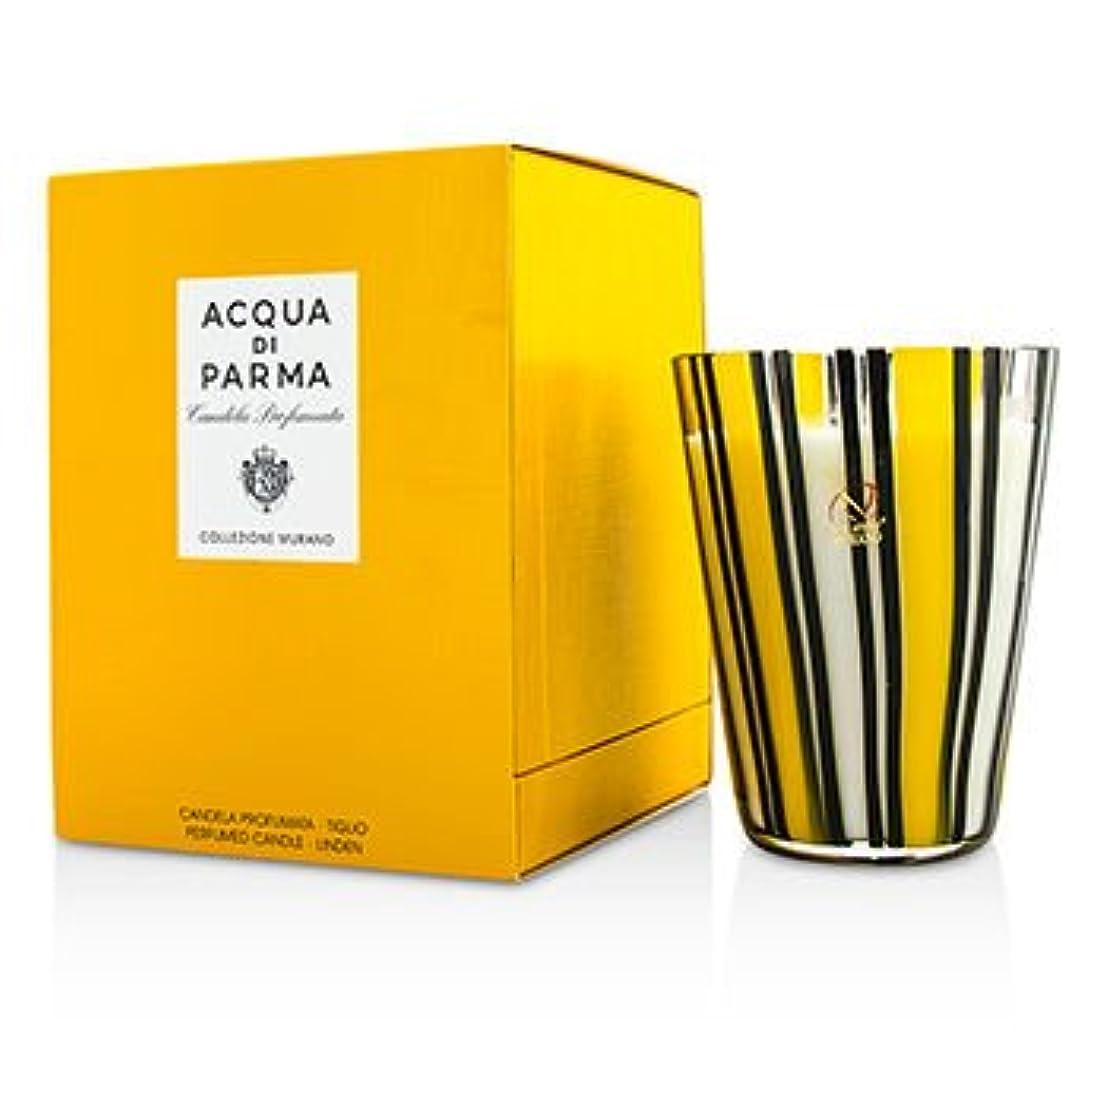 ディスパッチ泣く世界の窓[Acqua Di Parma] Murano Glass Perfumed Candle - Tiglio (Linen) 200g/7.05oz